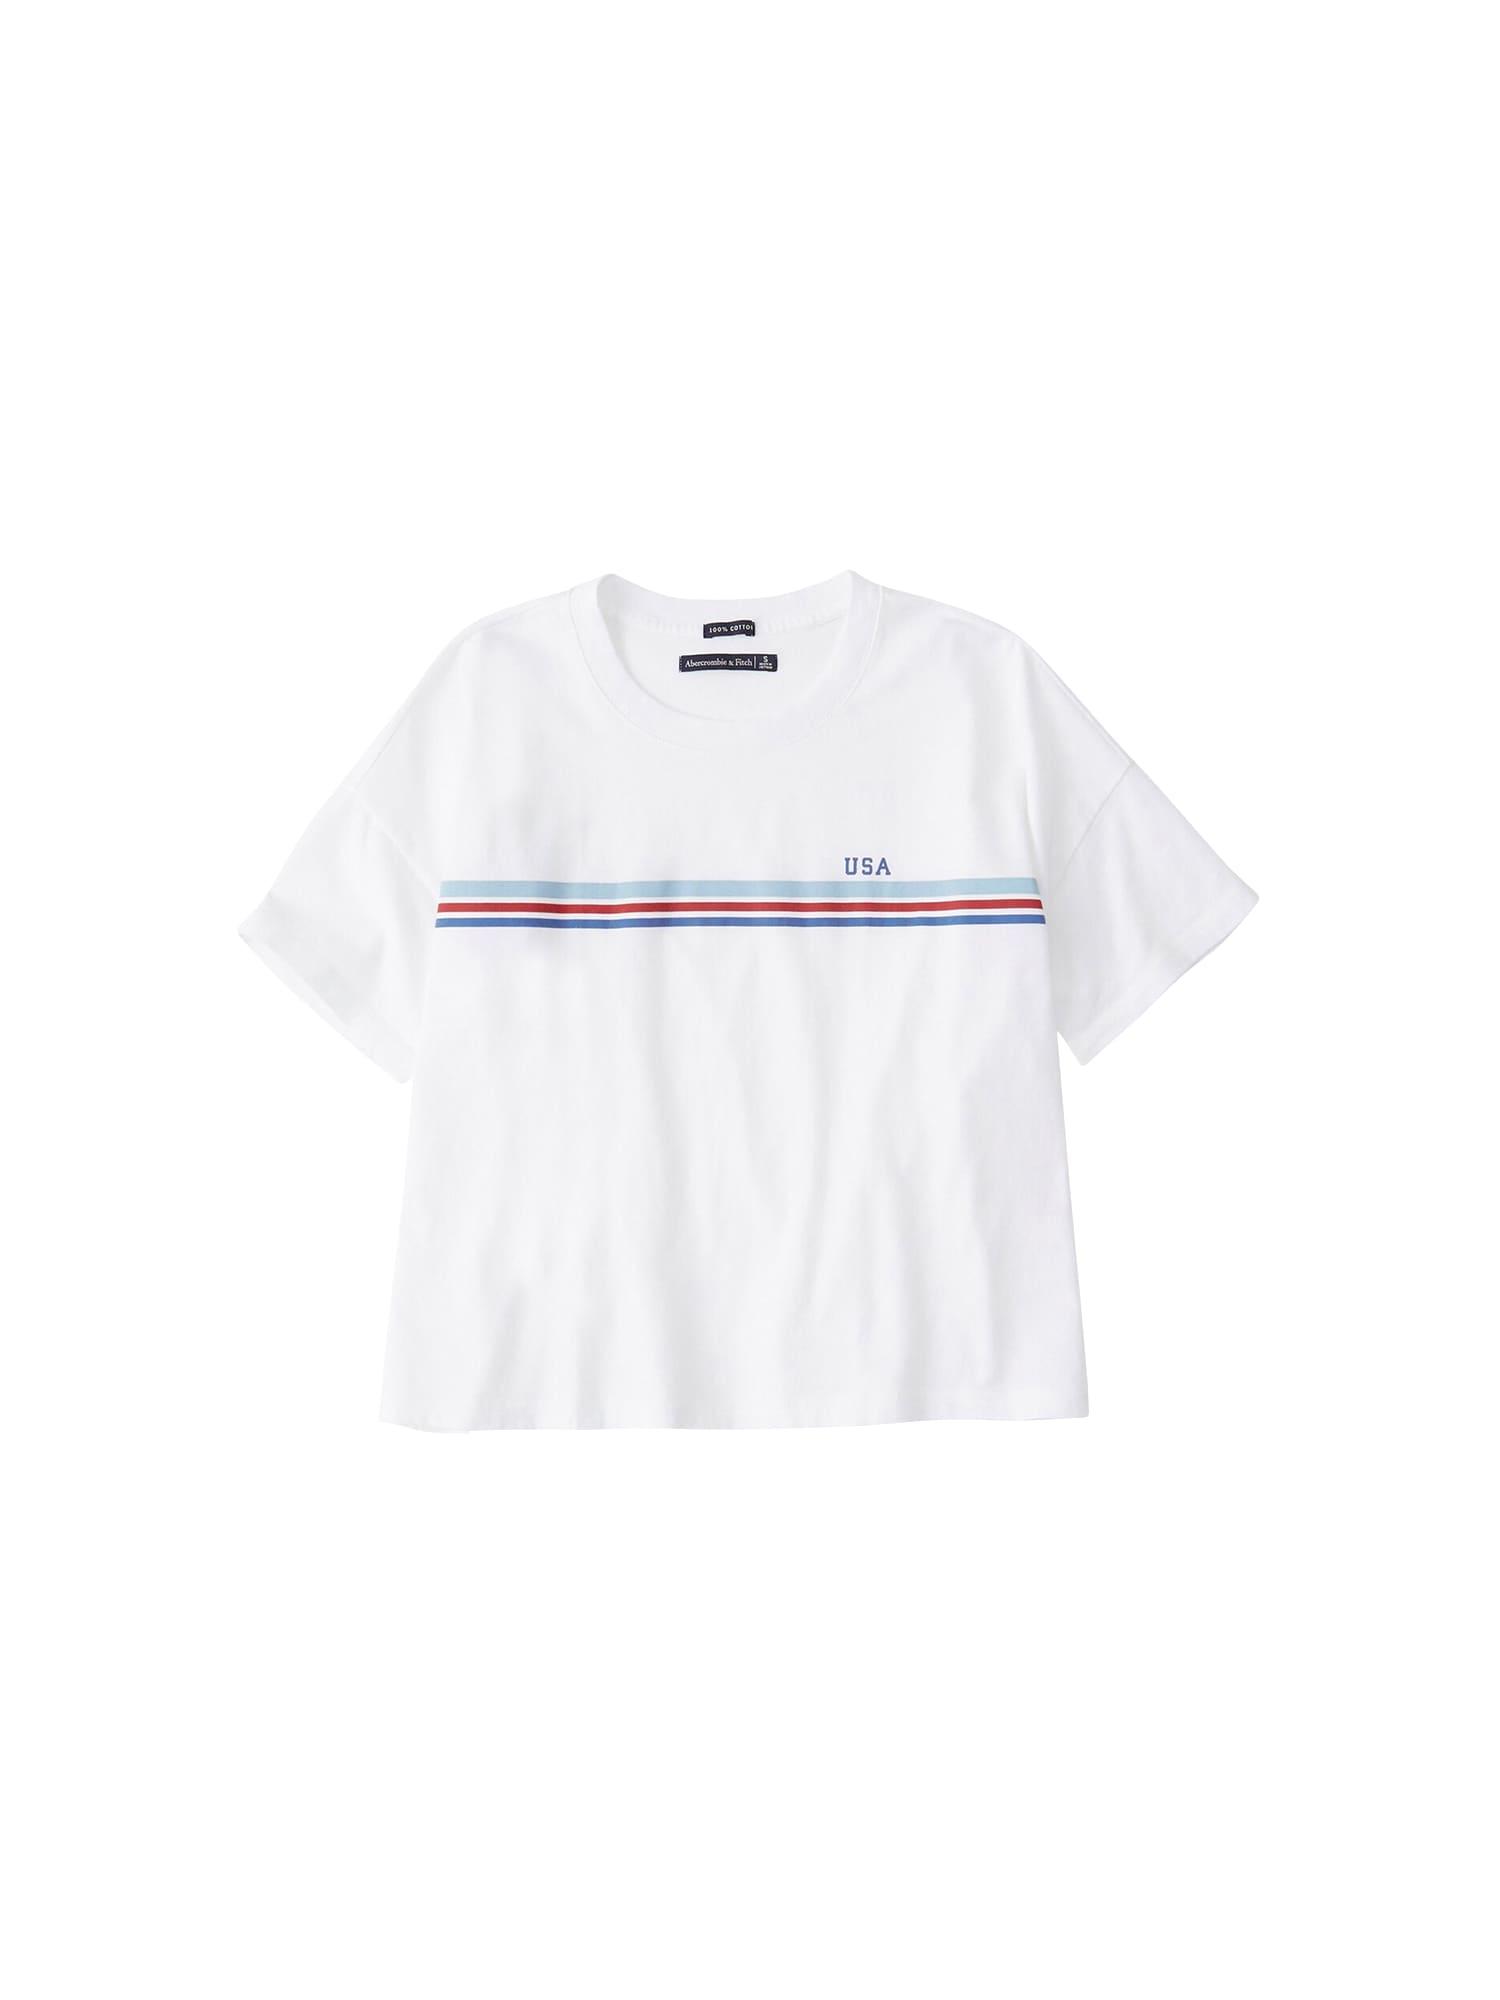 Tričko BOXY AMERICANA modrá červená bílá Abercrombie & Fitch